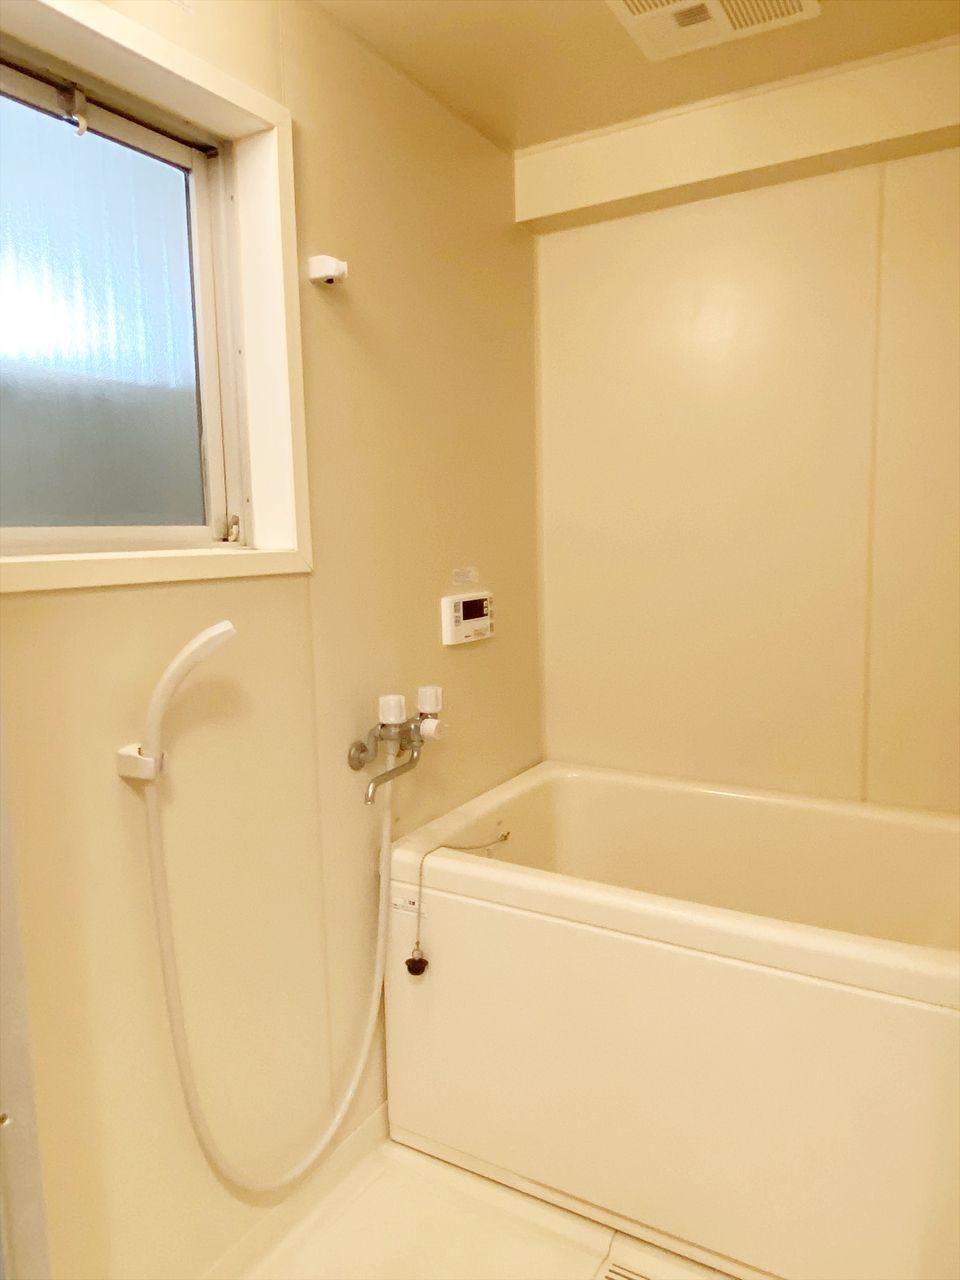 ベルパークはバス・トイレ別です。お風呂に窓があるので湿気がこもりません